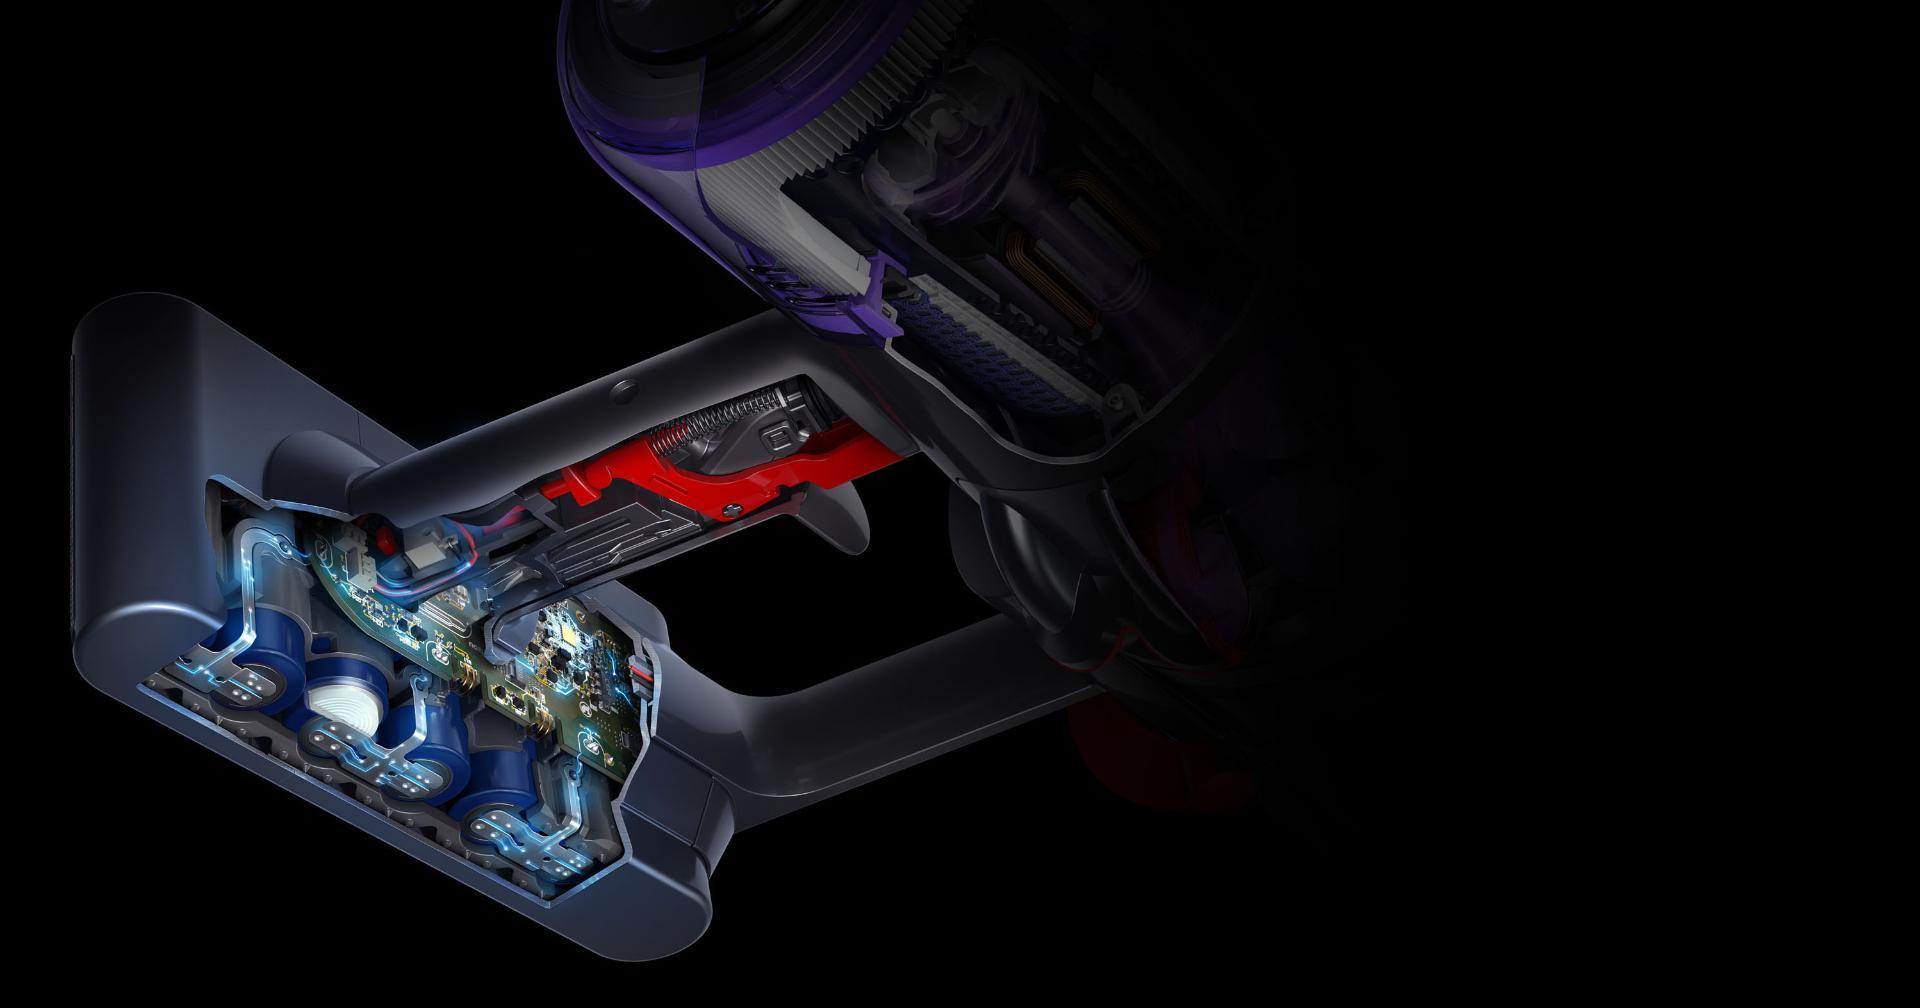 Dyson V11™ 無線吸塵機操作鍵及電池的剖視圖